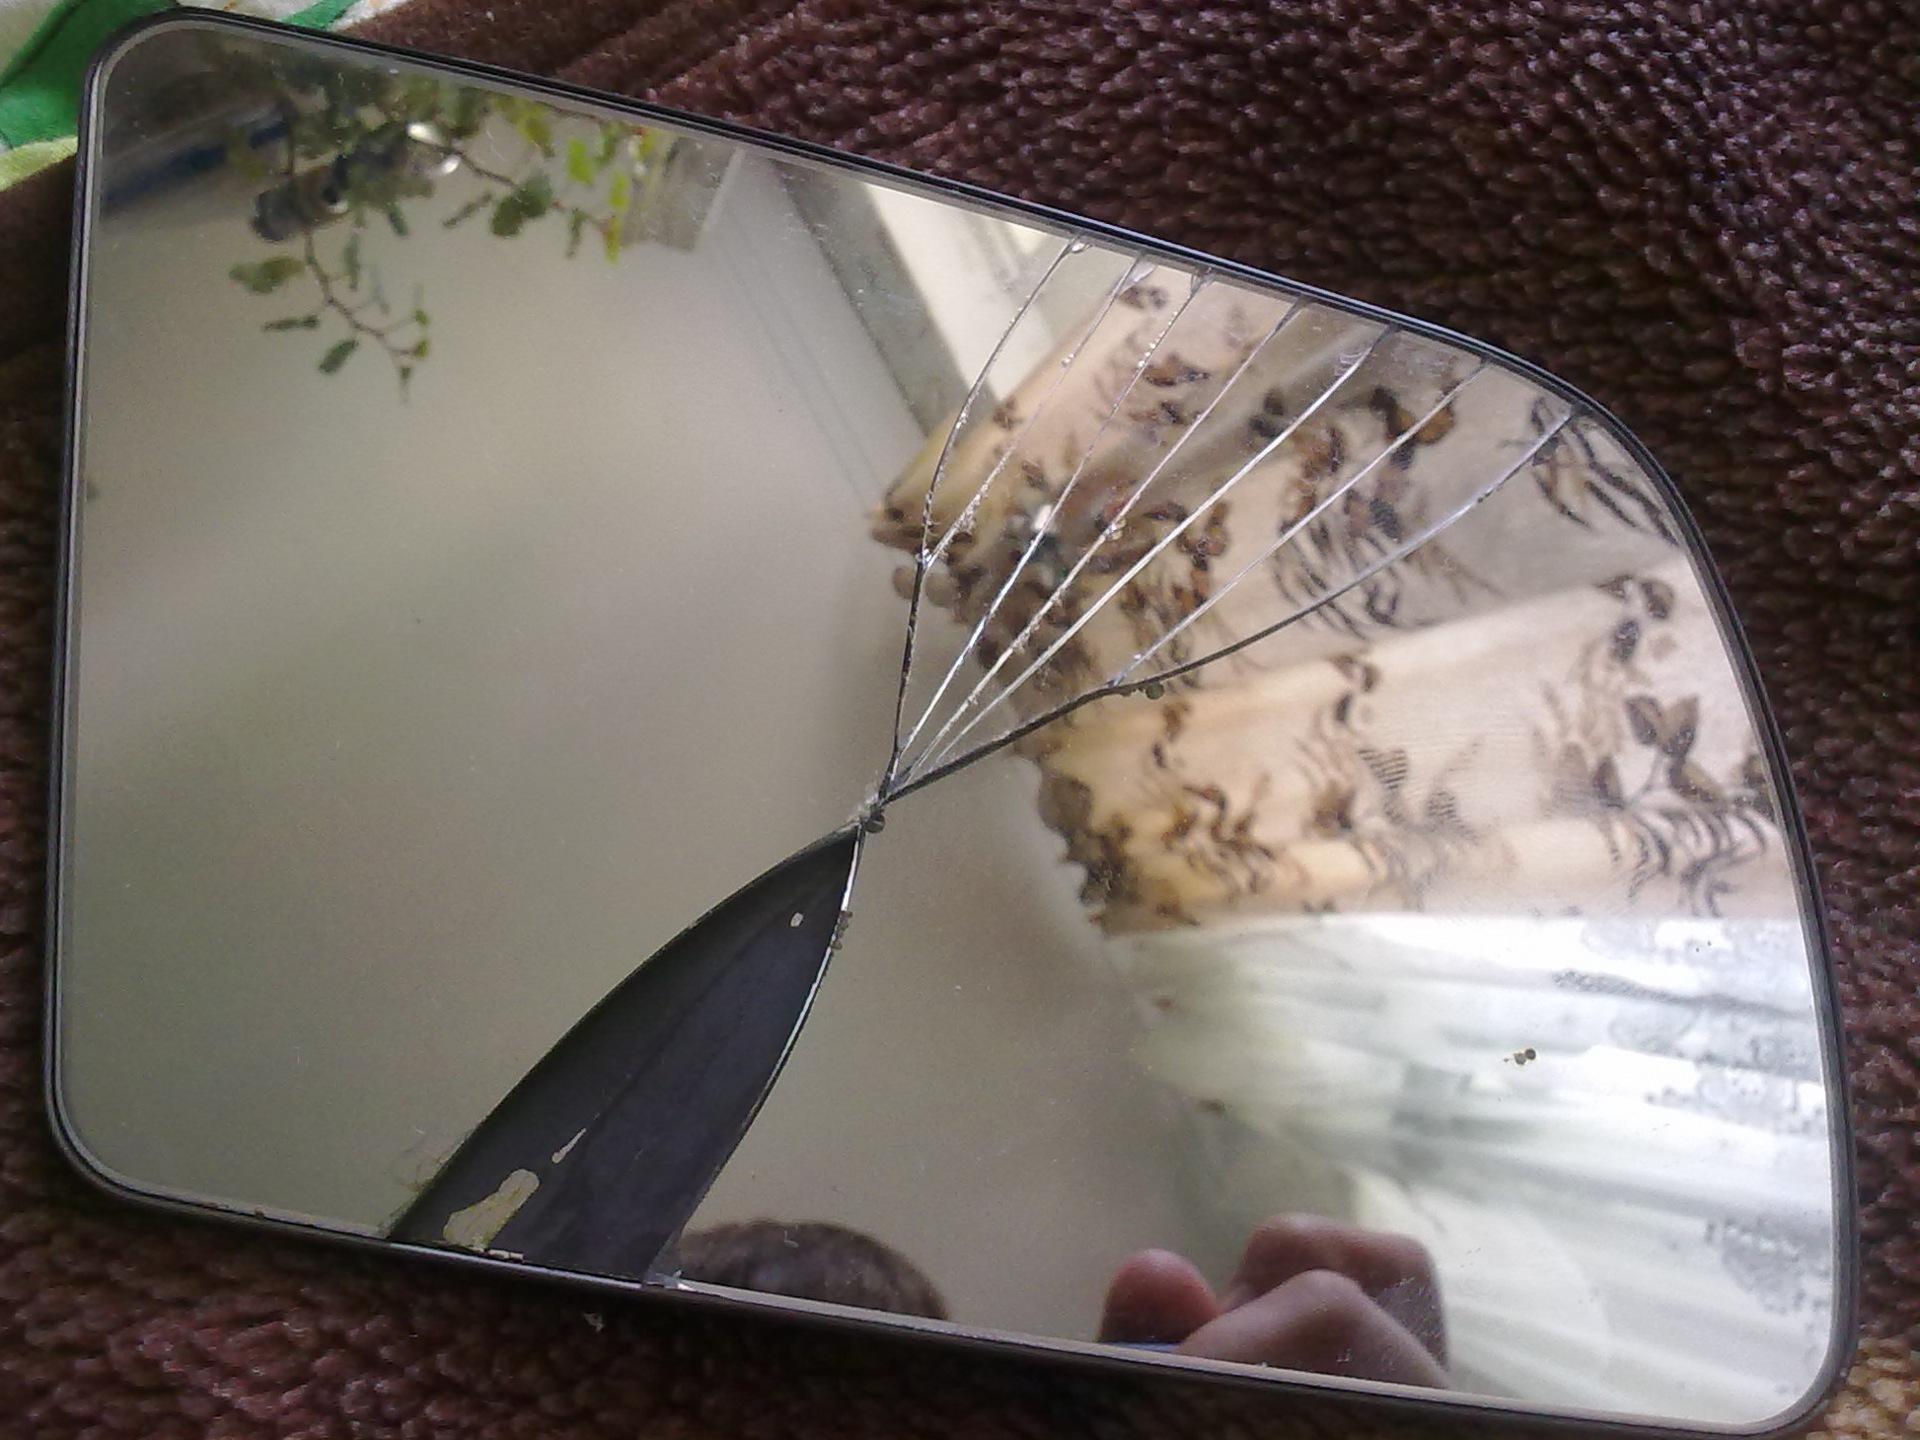 замаскировать трещину в зеркале фото оформил развод, настей